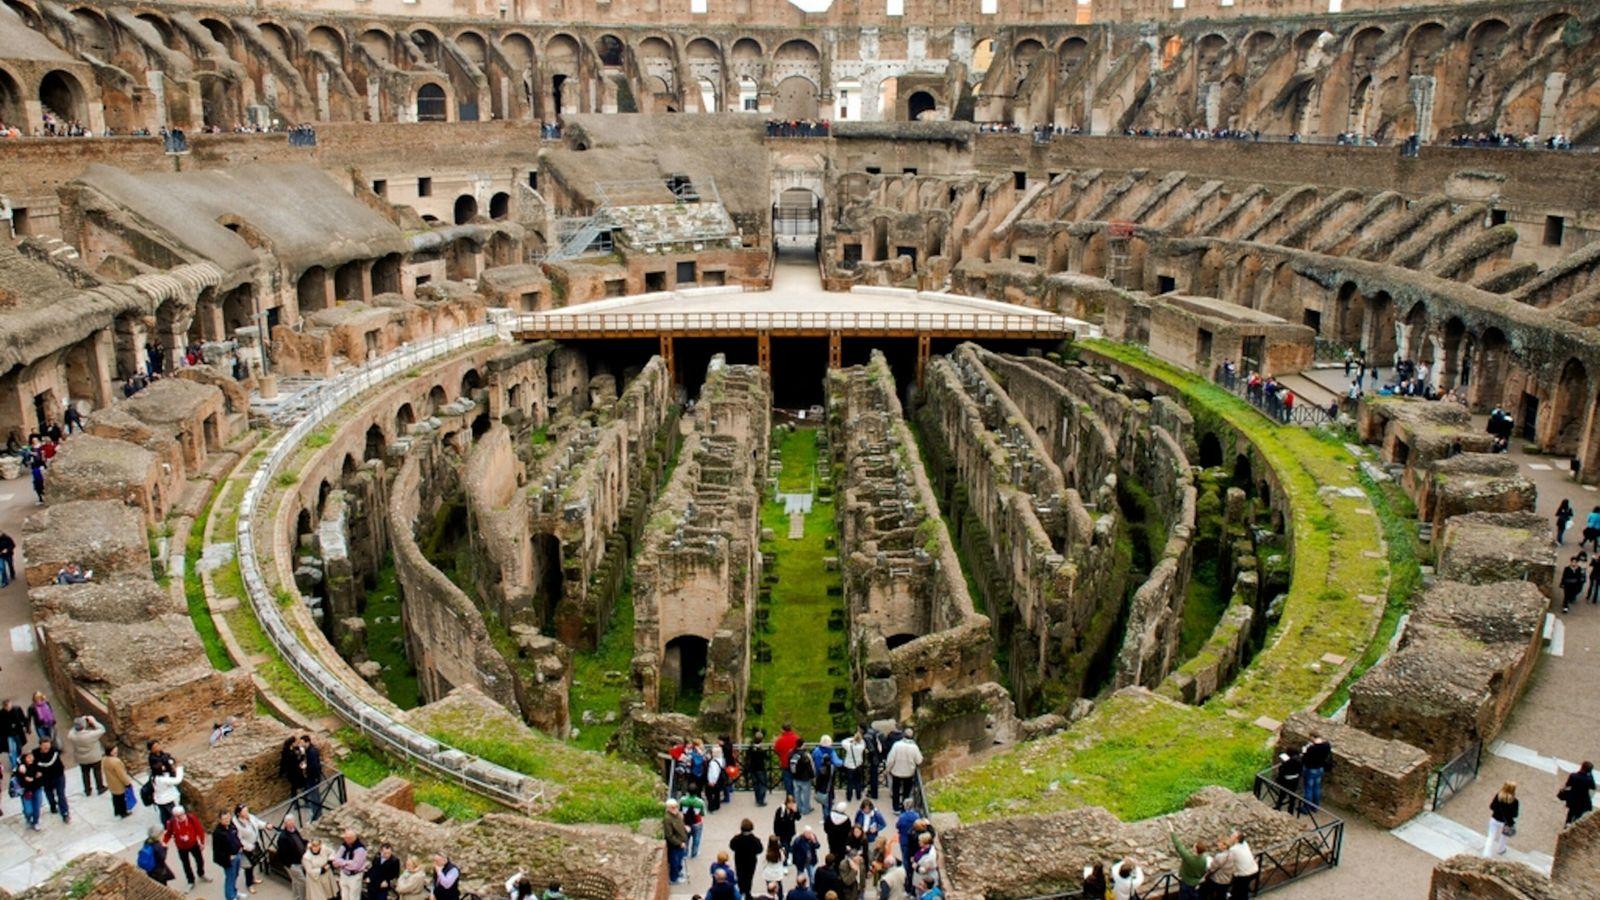 Gladiatorenkämpfe und das Leben im Römischen Reich faszinieren die Menschen, hier im Kolosseum in Rom, bis ...